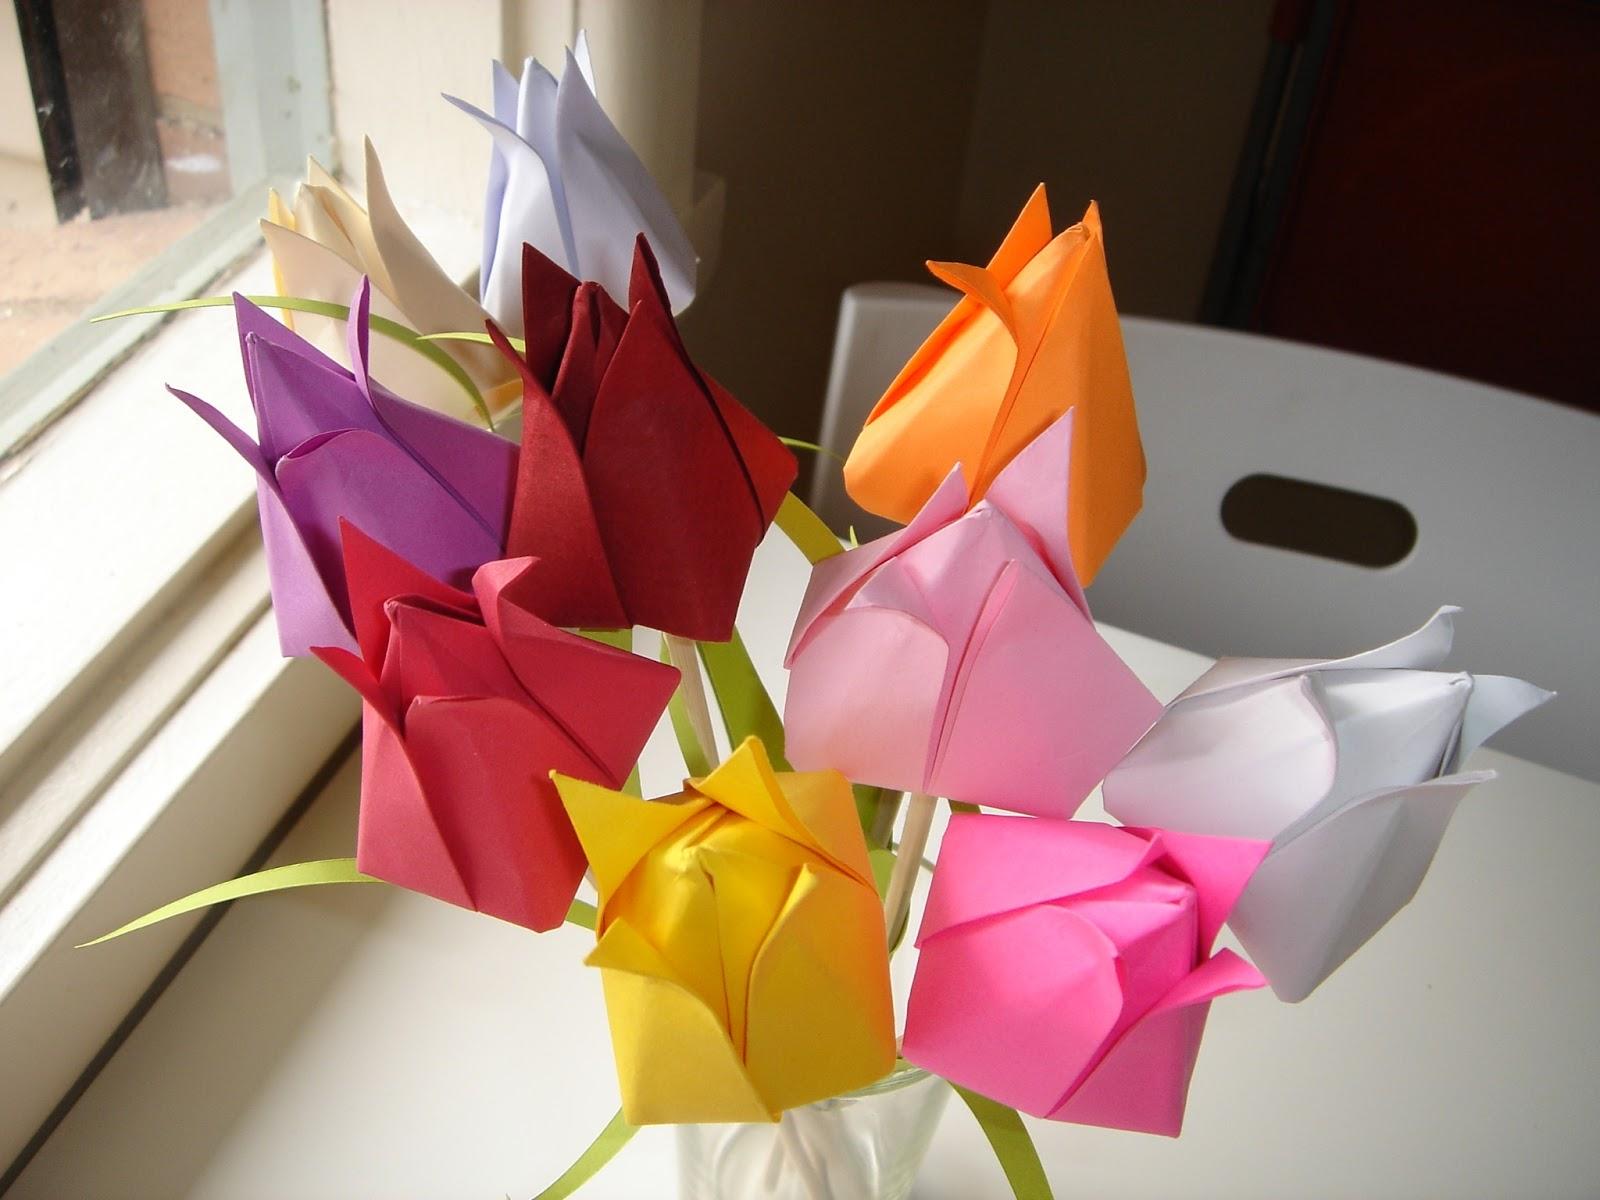 Фото как сделать тюльпаны из бумаги своими